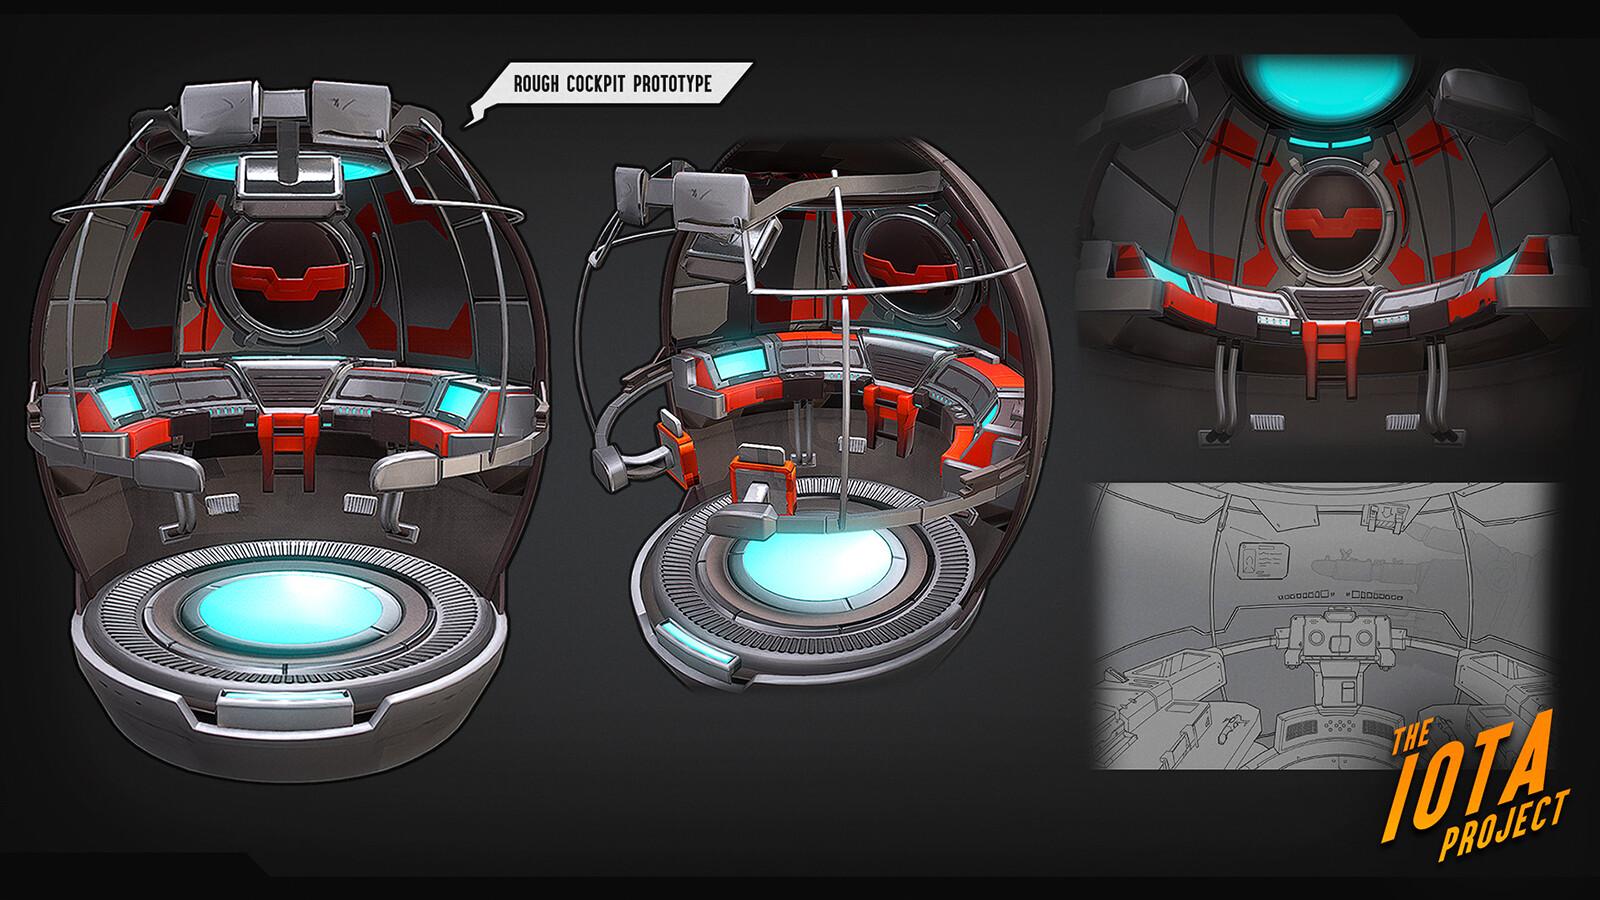 Final render of the cockpit